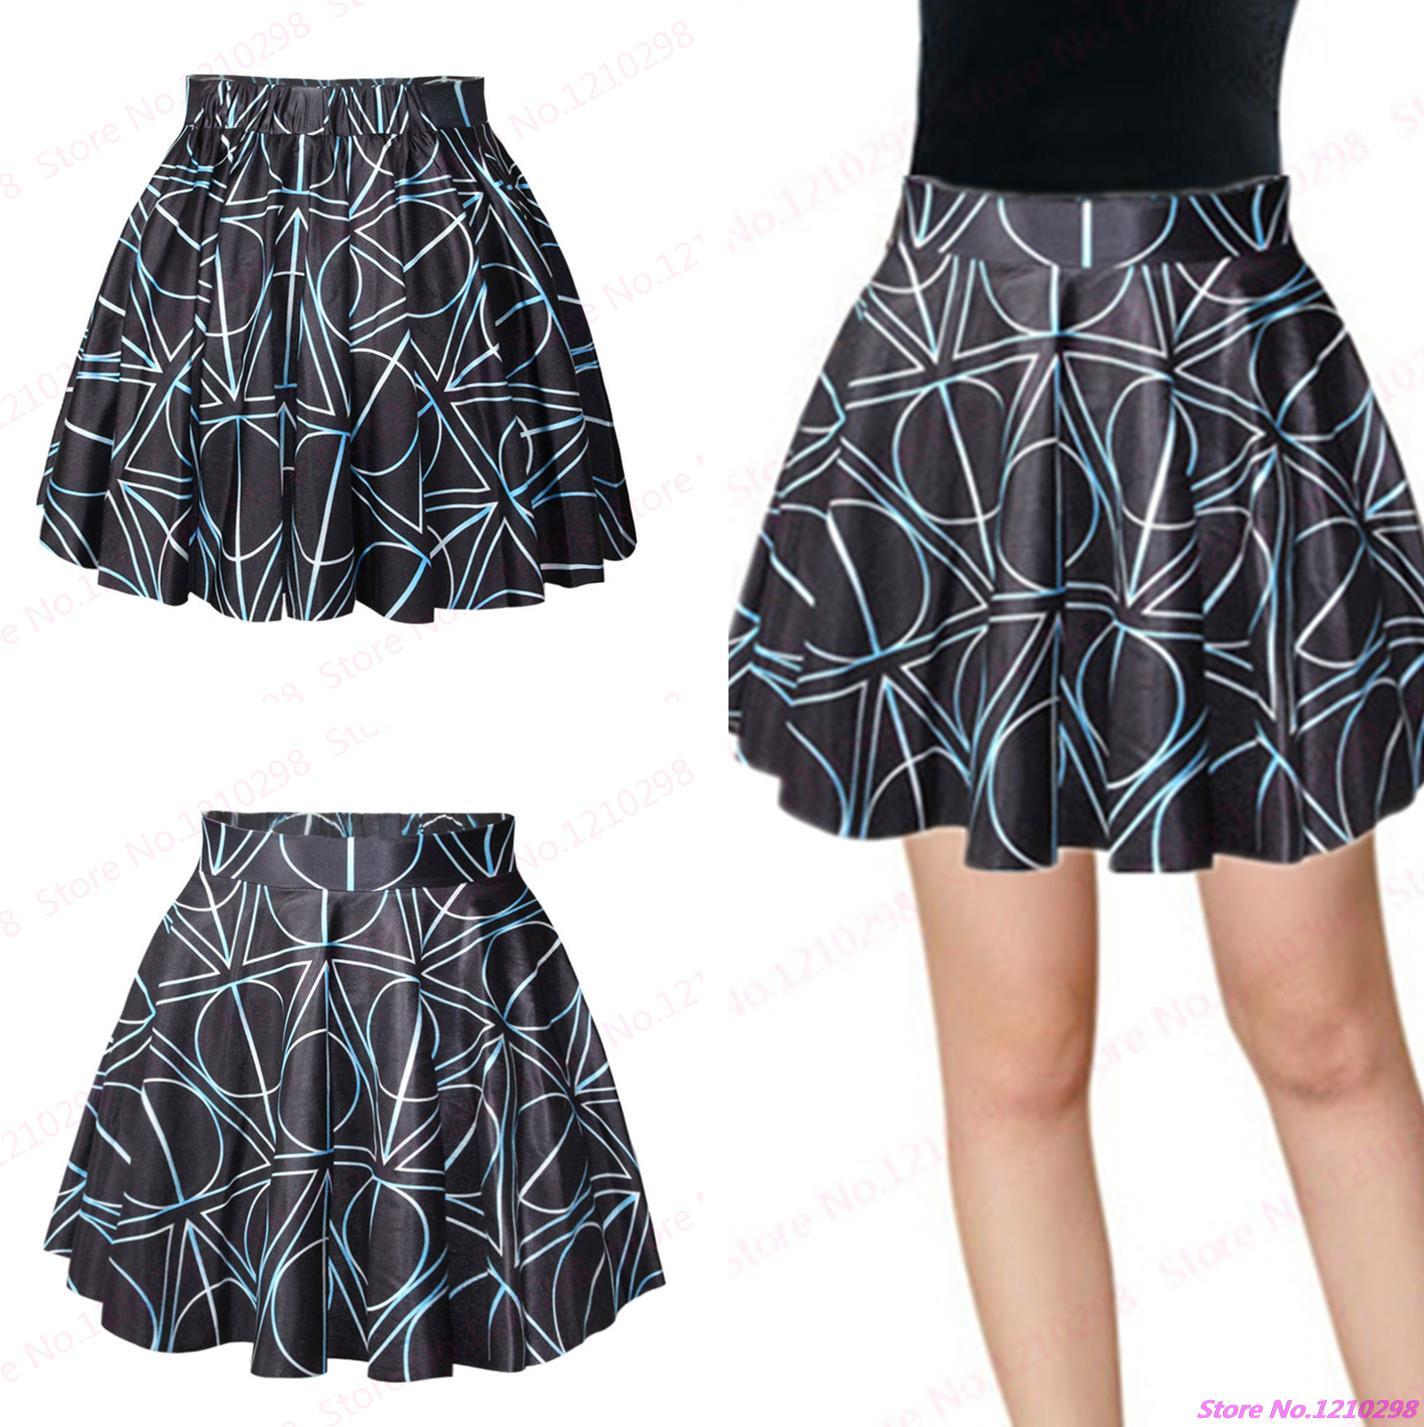 New Women Geometric Skirt High Waist Miniskirt 3D Printed Pettiskirt Black Tennis Short Skirts Nightclubs Sport